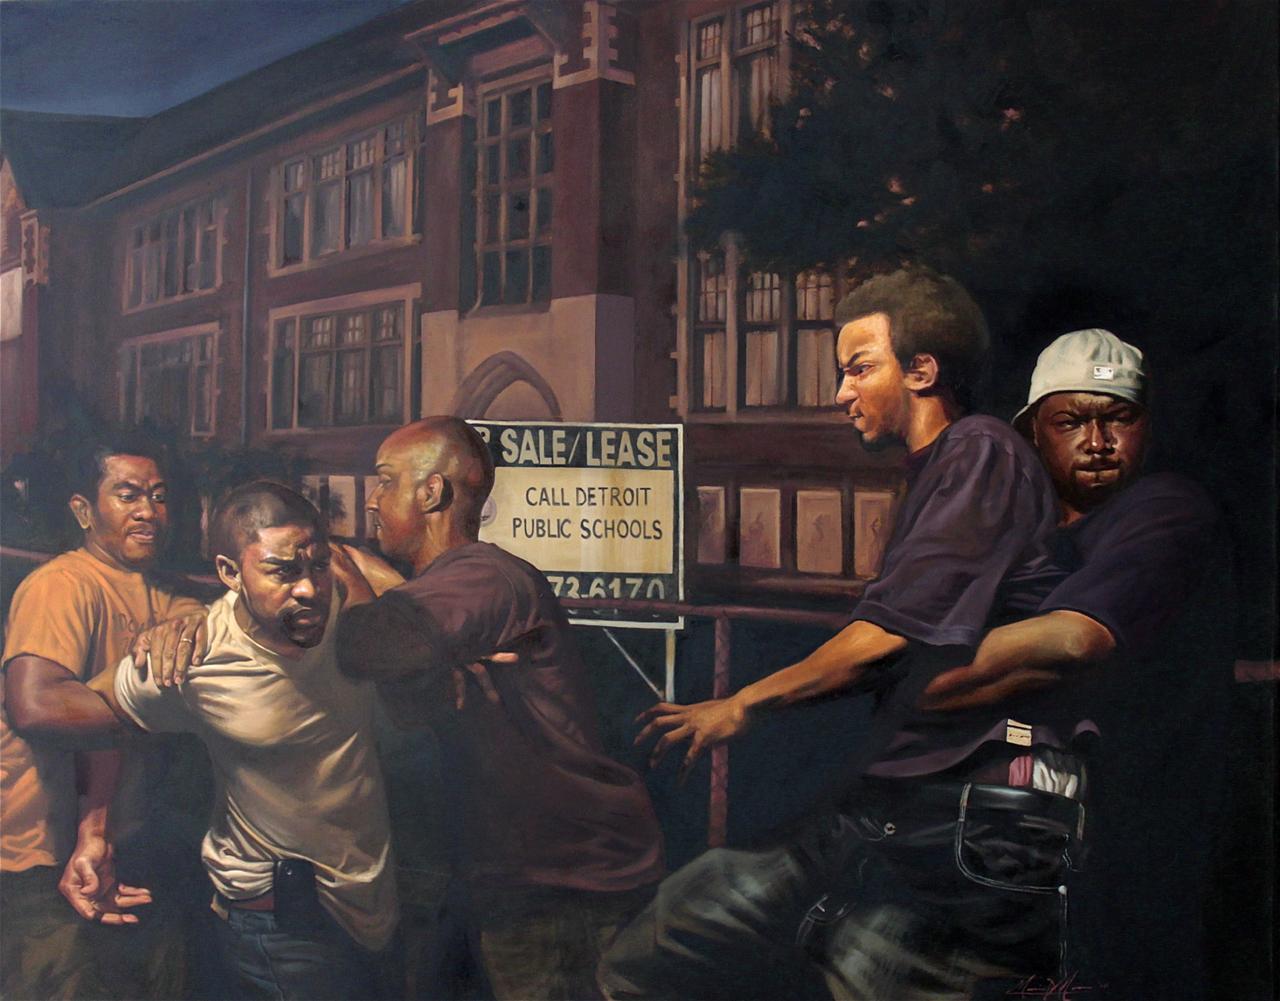 Detroit's crisis 313-873-6170